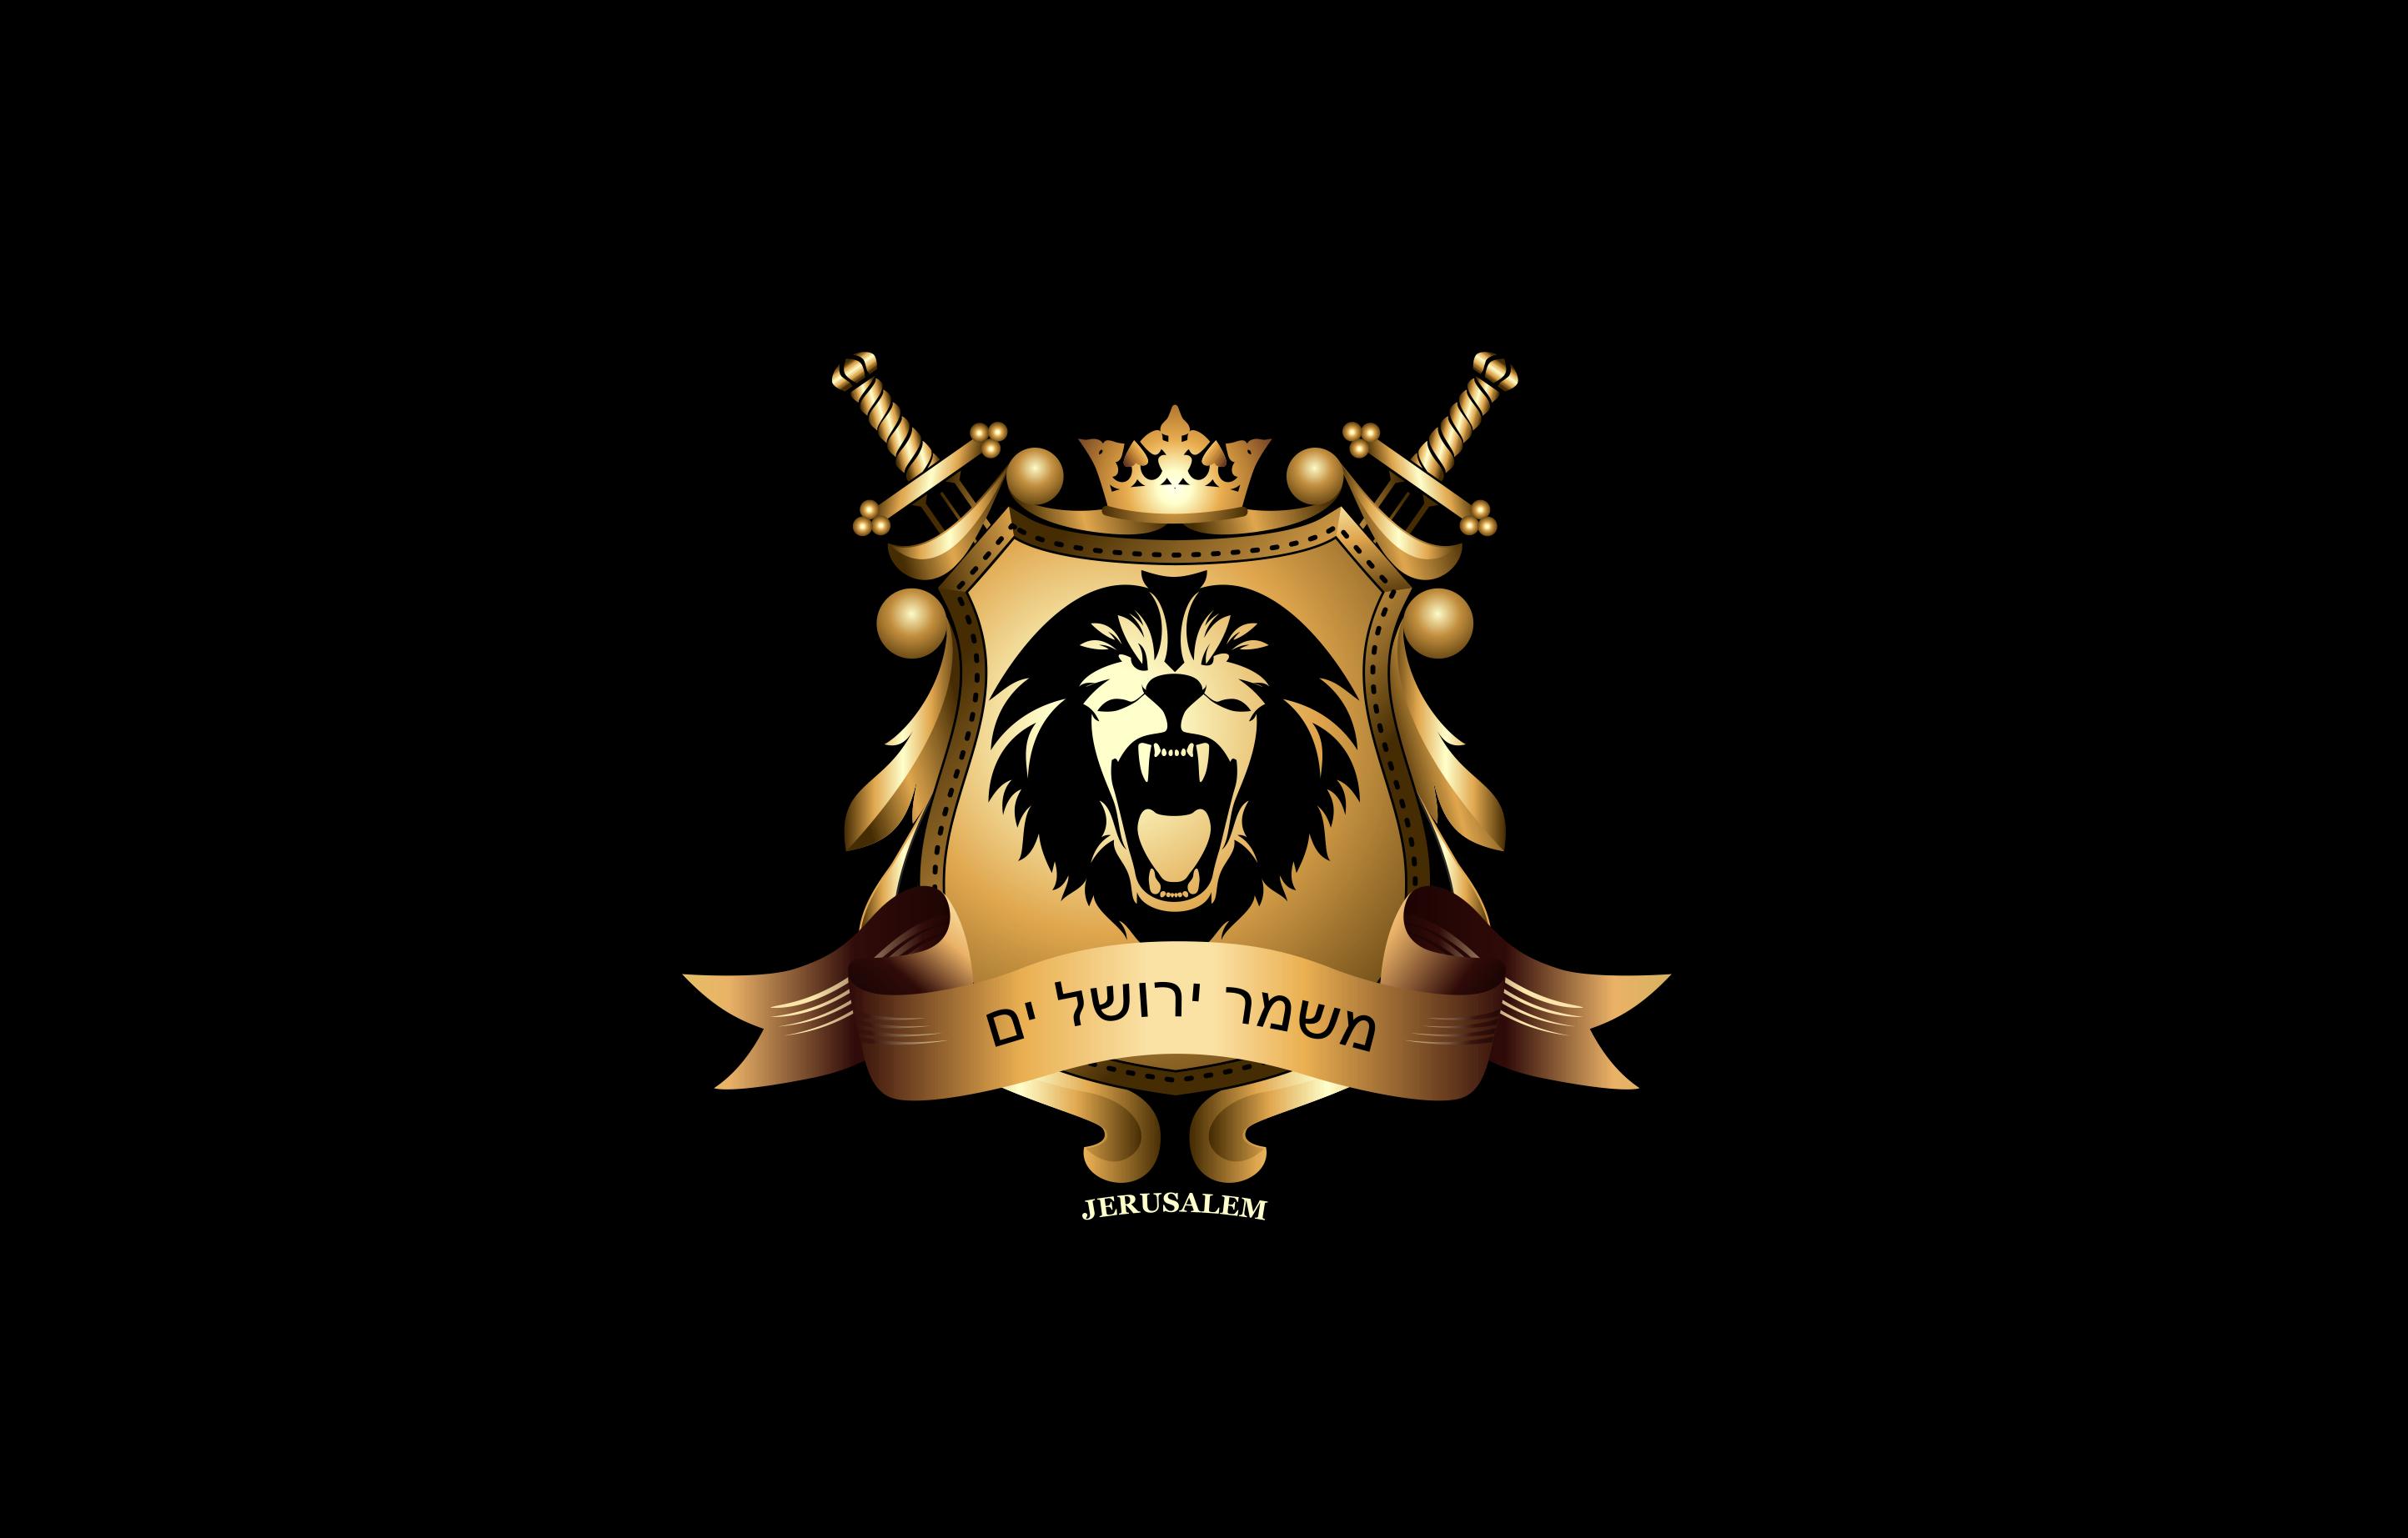 Разработка логотипа. Компания Страж Иерусалима фото f_71551ed53f4048b4.png